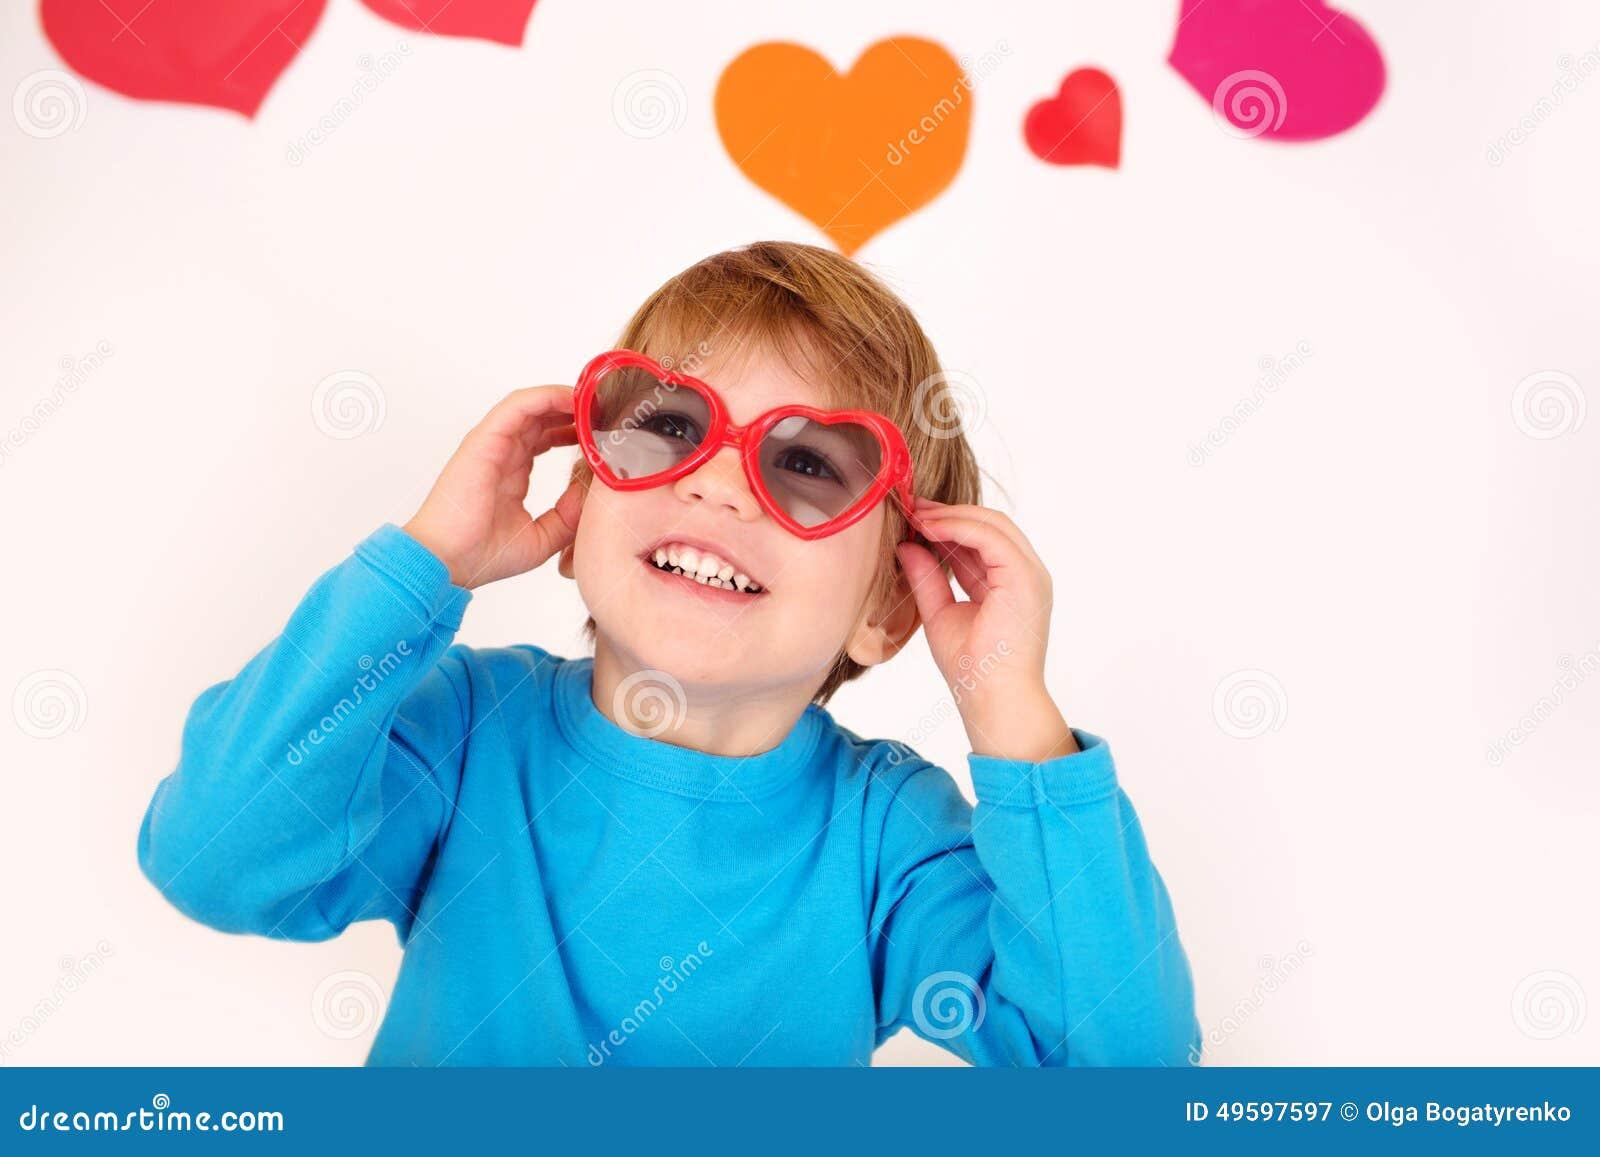 Walentynka dzień: Dzieciak zabawa